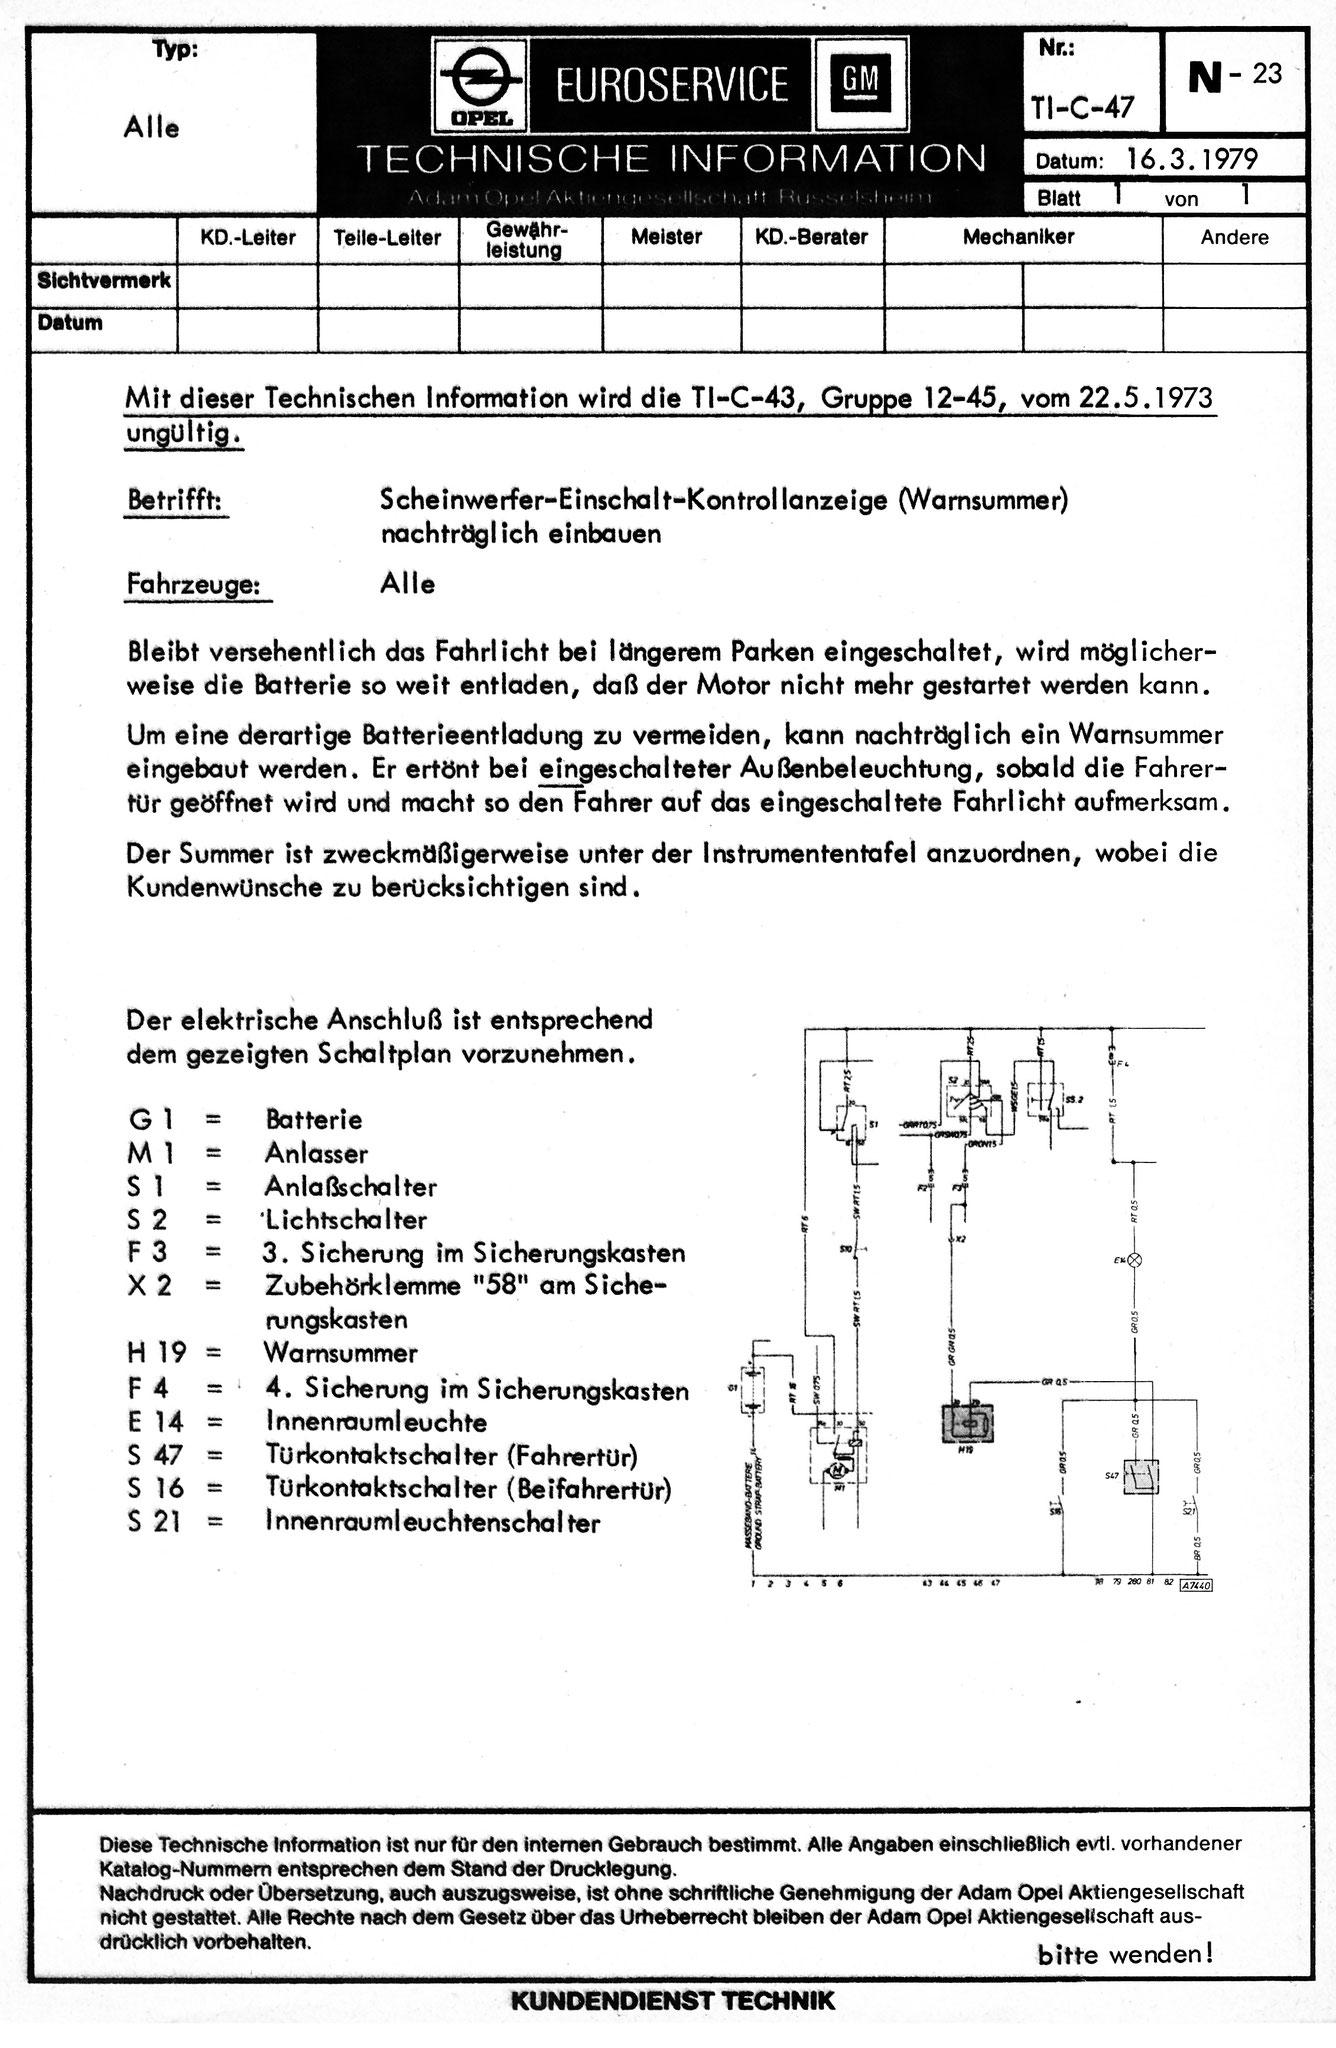 Gruppe N - Elektrische Ausrüstung - Wissenswertes über den Opel ...